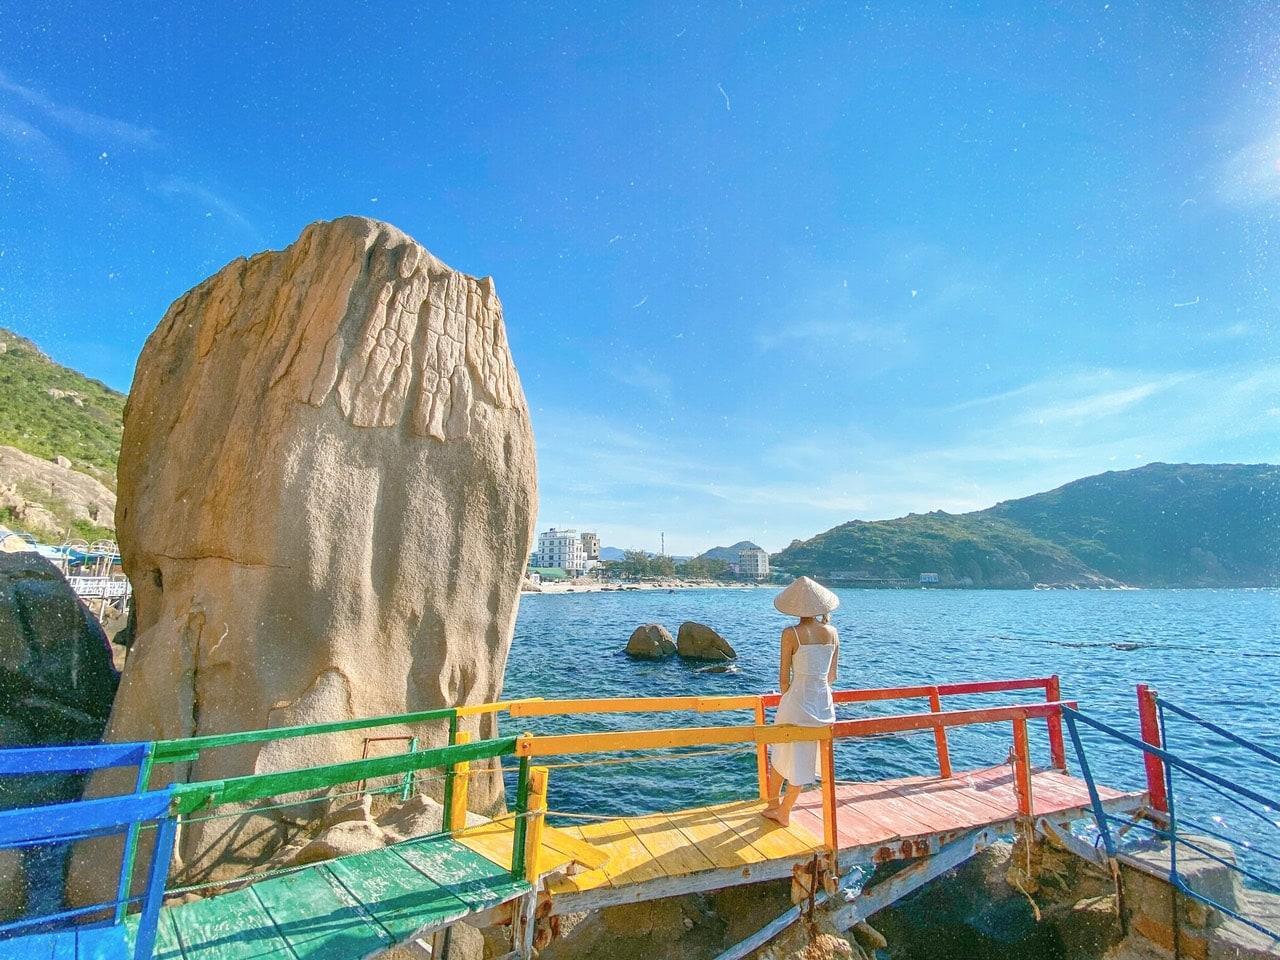 Kinh nghiệm du lịch bụi đảo Bình Ba: vé tàu, ăn chơi v.v